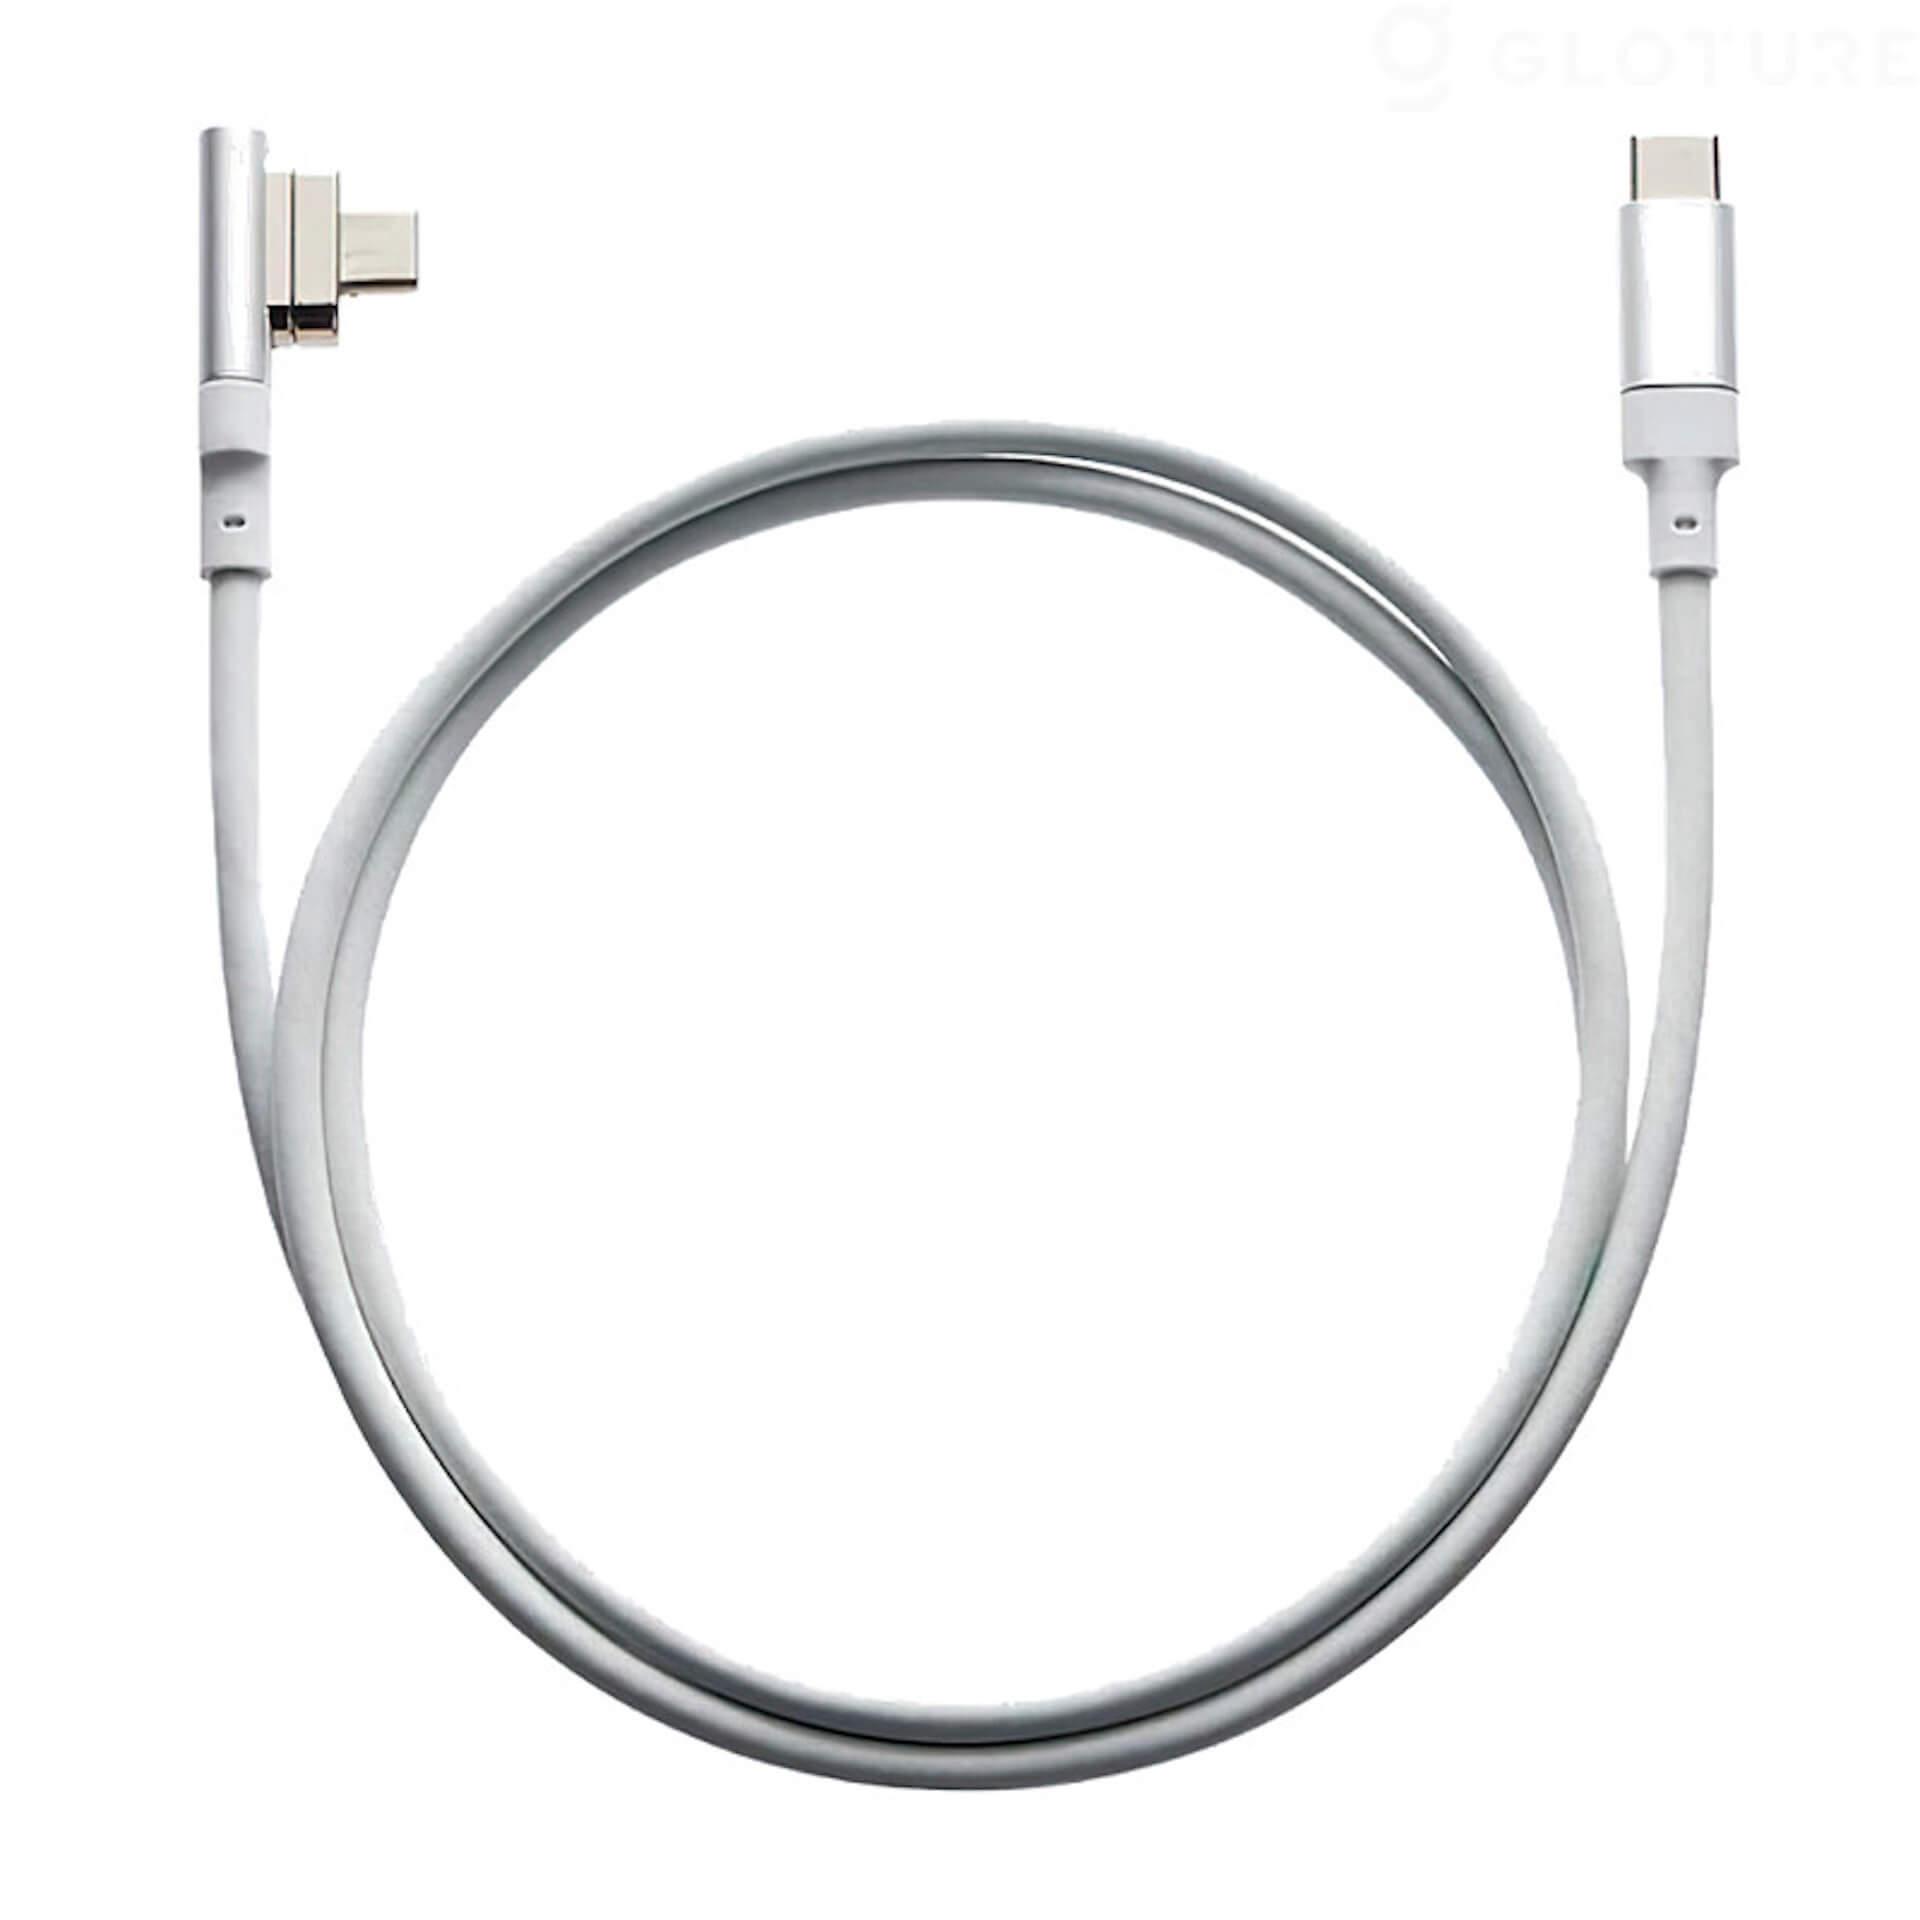 USB-Cのコネクタ同士をマグネットで引き寄せる!「HBLINK Magnet USB-C ケーブル」がGLOTURE.JPに登場 tech200625_usbc_cable_16